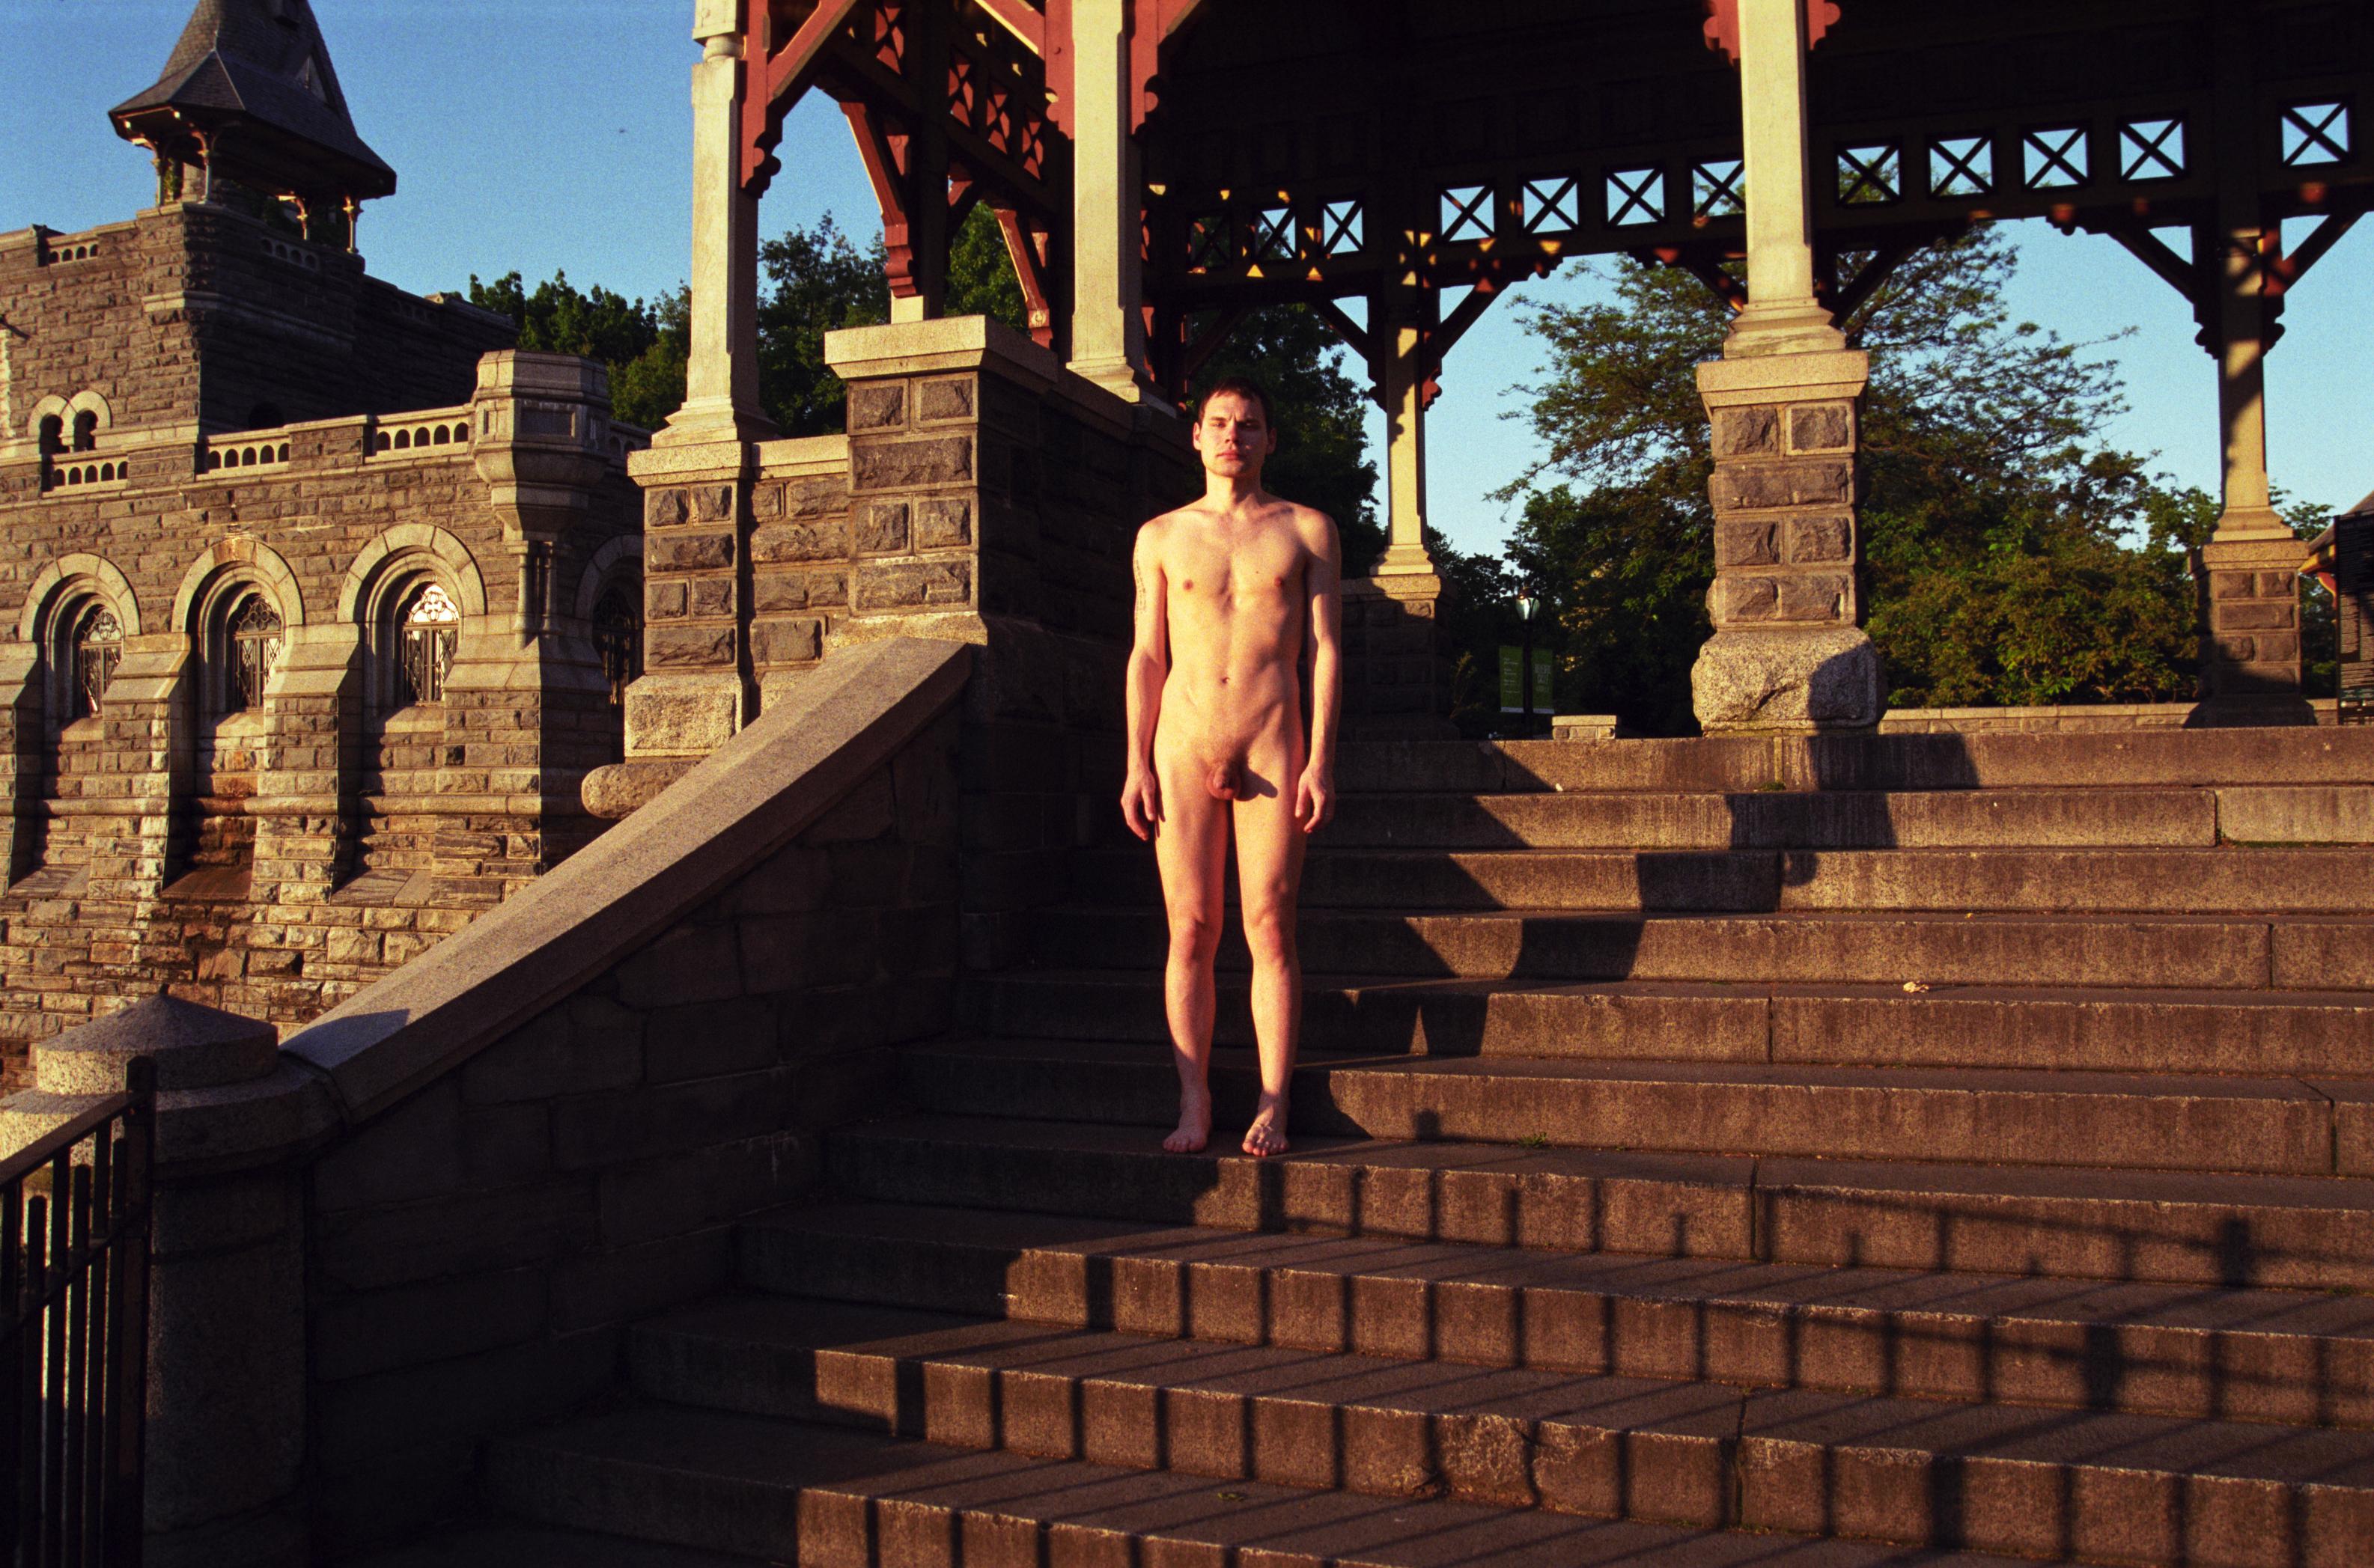 birinna-castle-nude-photo